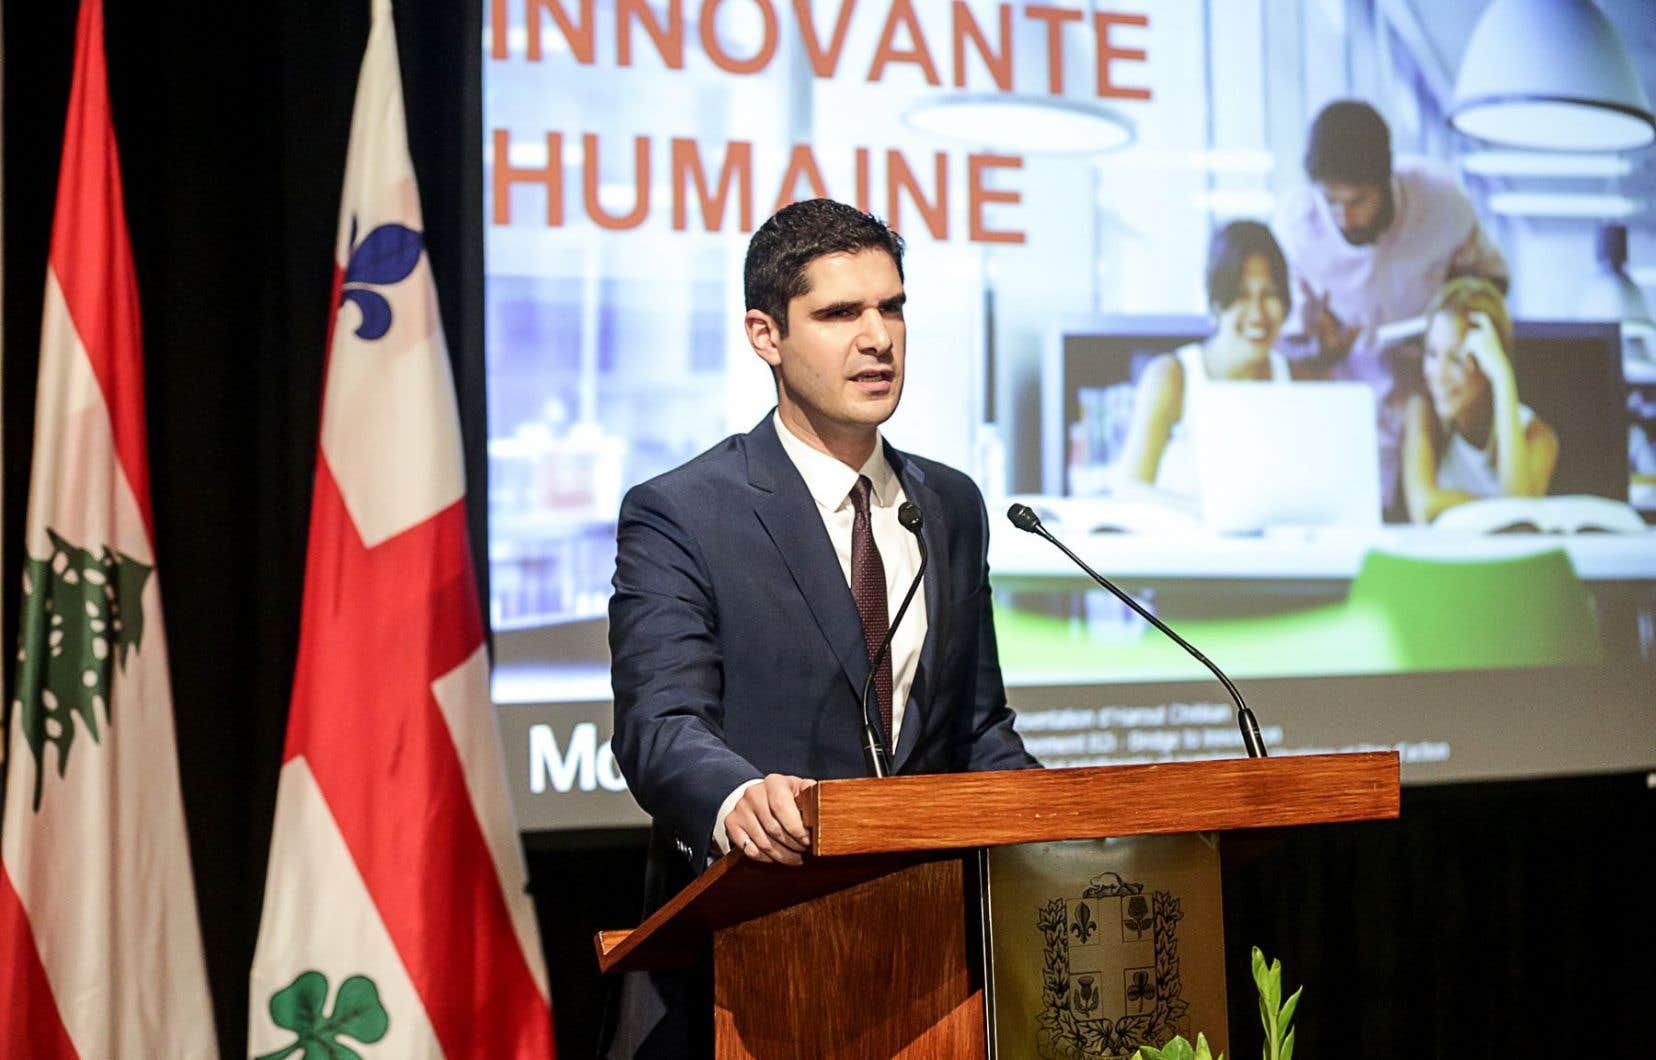 Harout Chitilian est responsable de la réforme administrative, de la jeunesse, de la ville intelligente ainsi que des technologies de l'information à la Ville de Montréal.